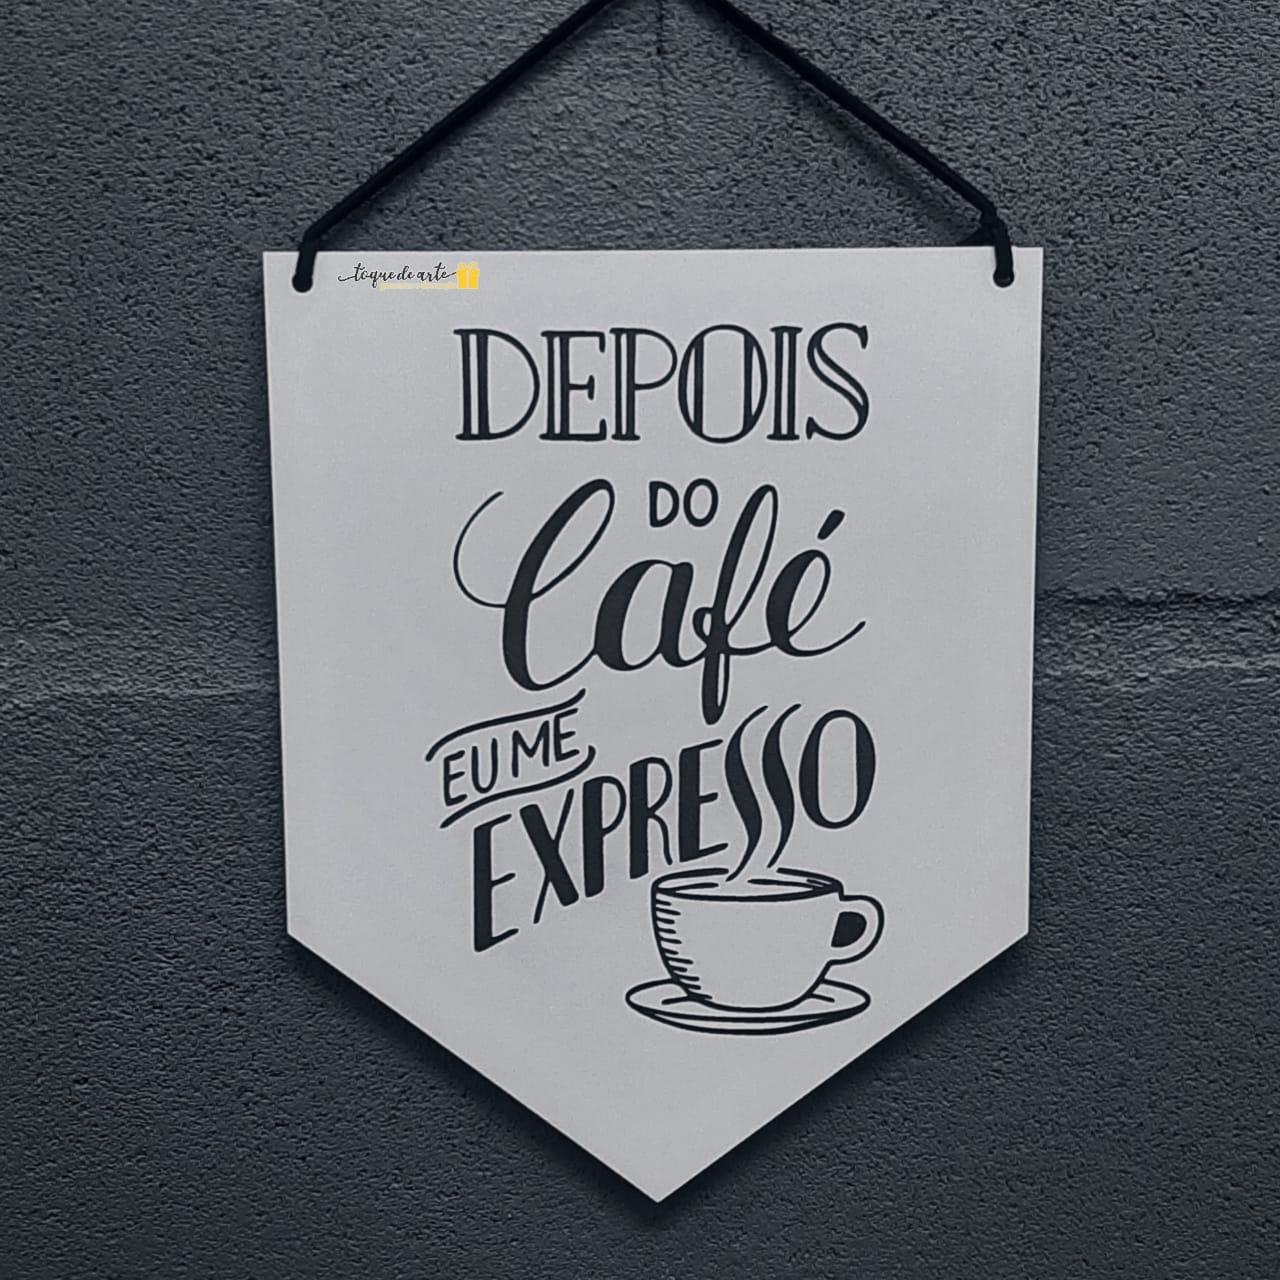 FLÂMULA DEPOIS DO CAFÉ EU ME EXPRESSO